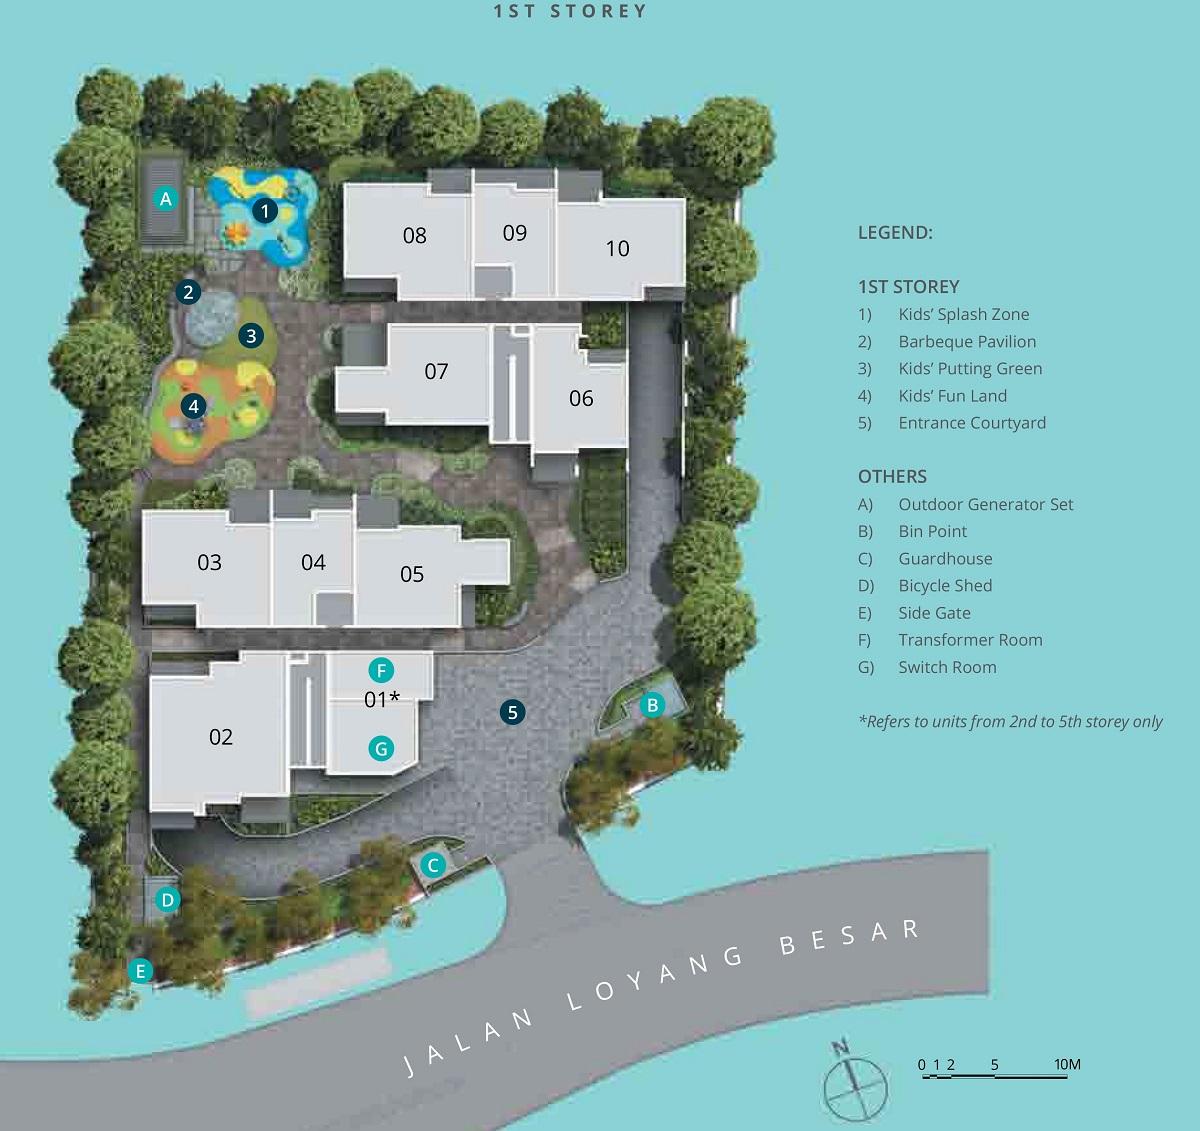 Casa Al Mare Site Plan and Facilities